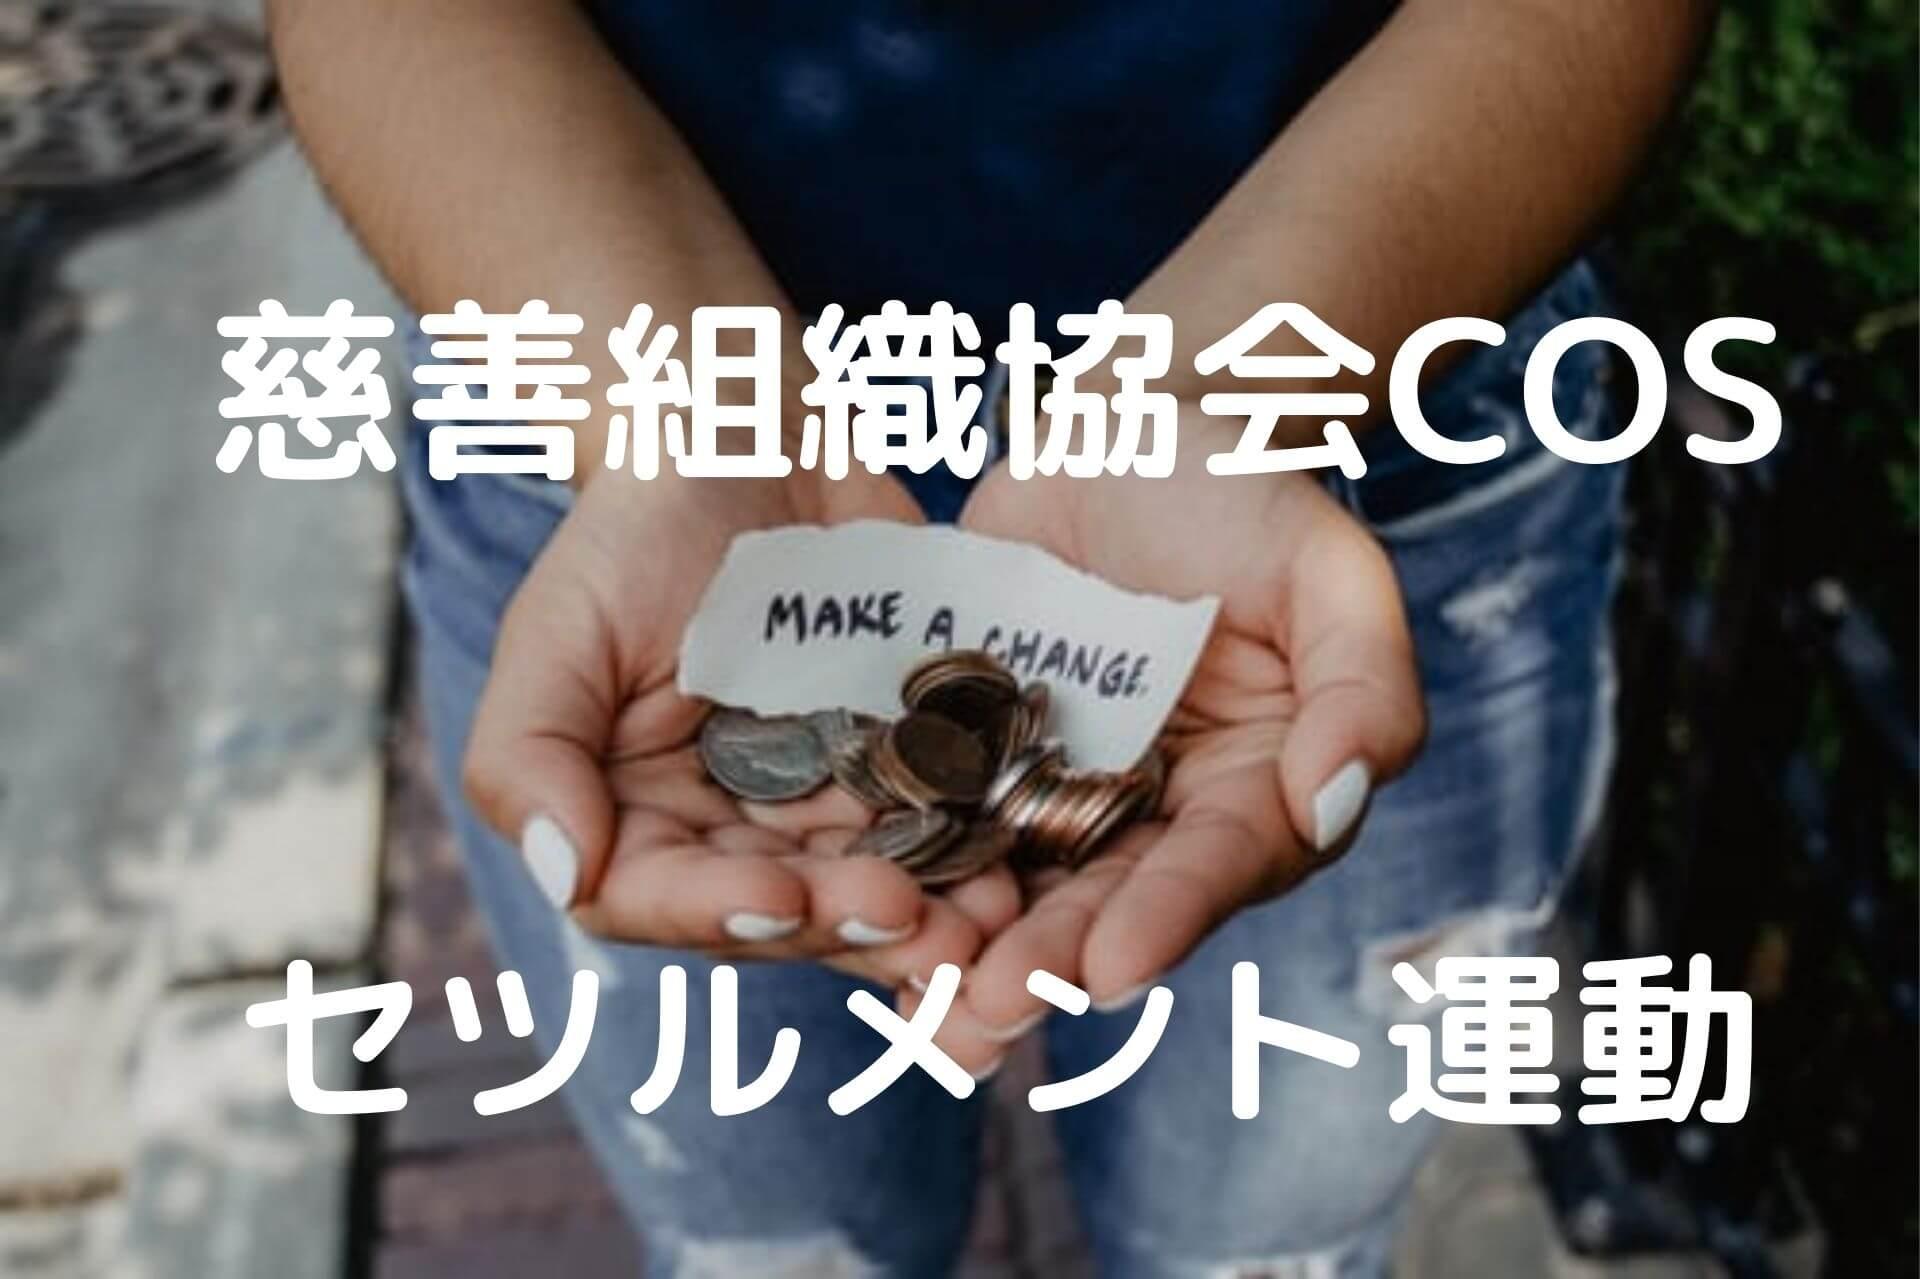 慈善組織協会COS